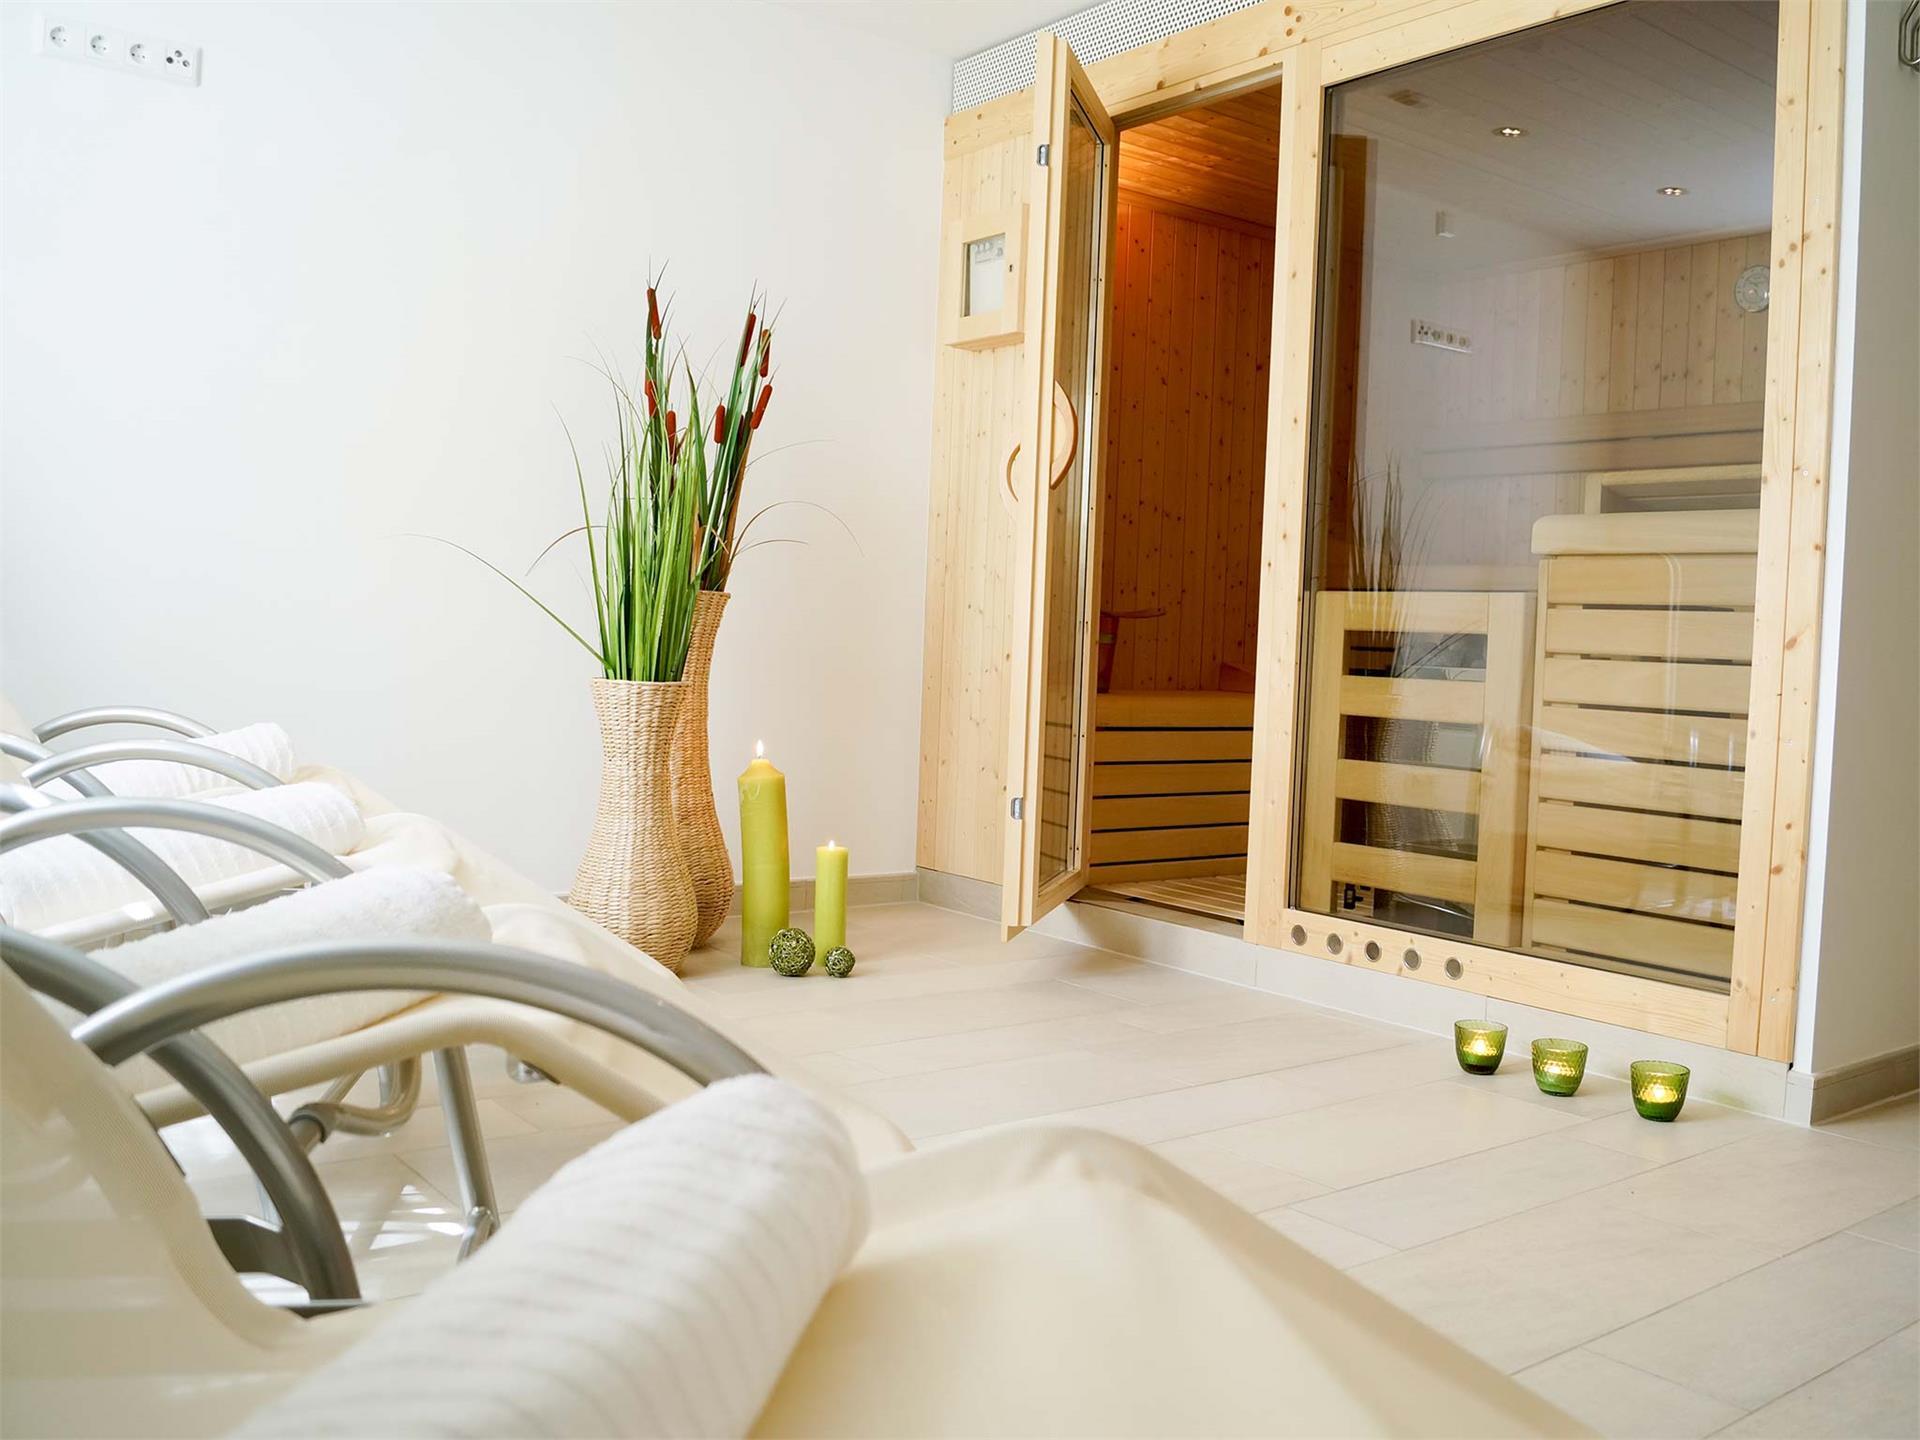 terme - sauna